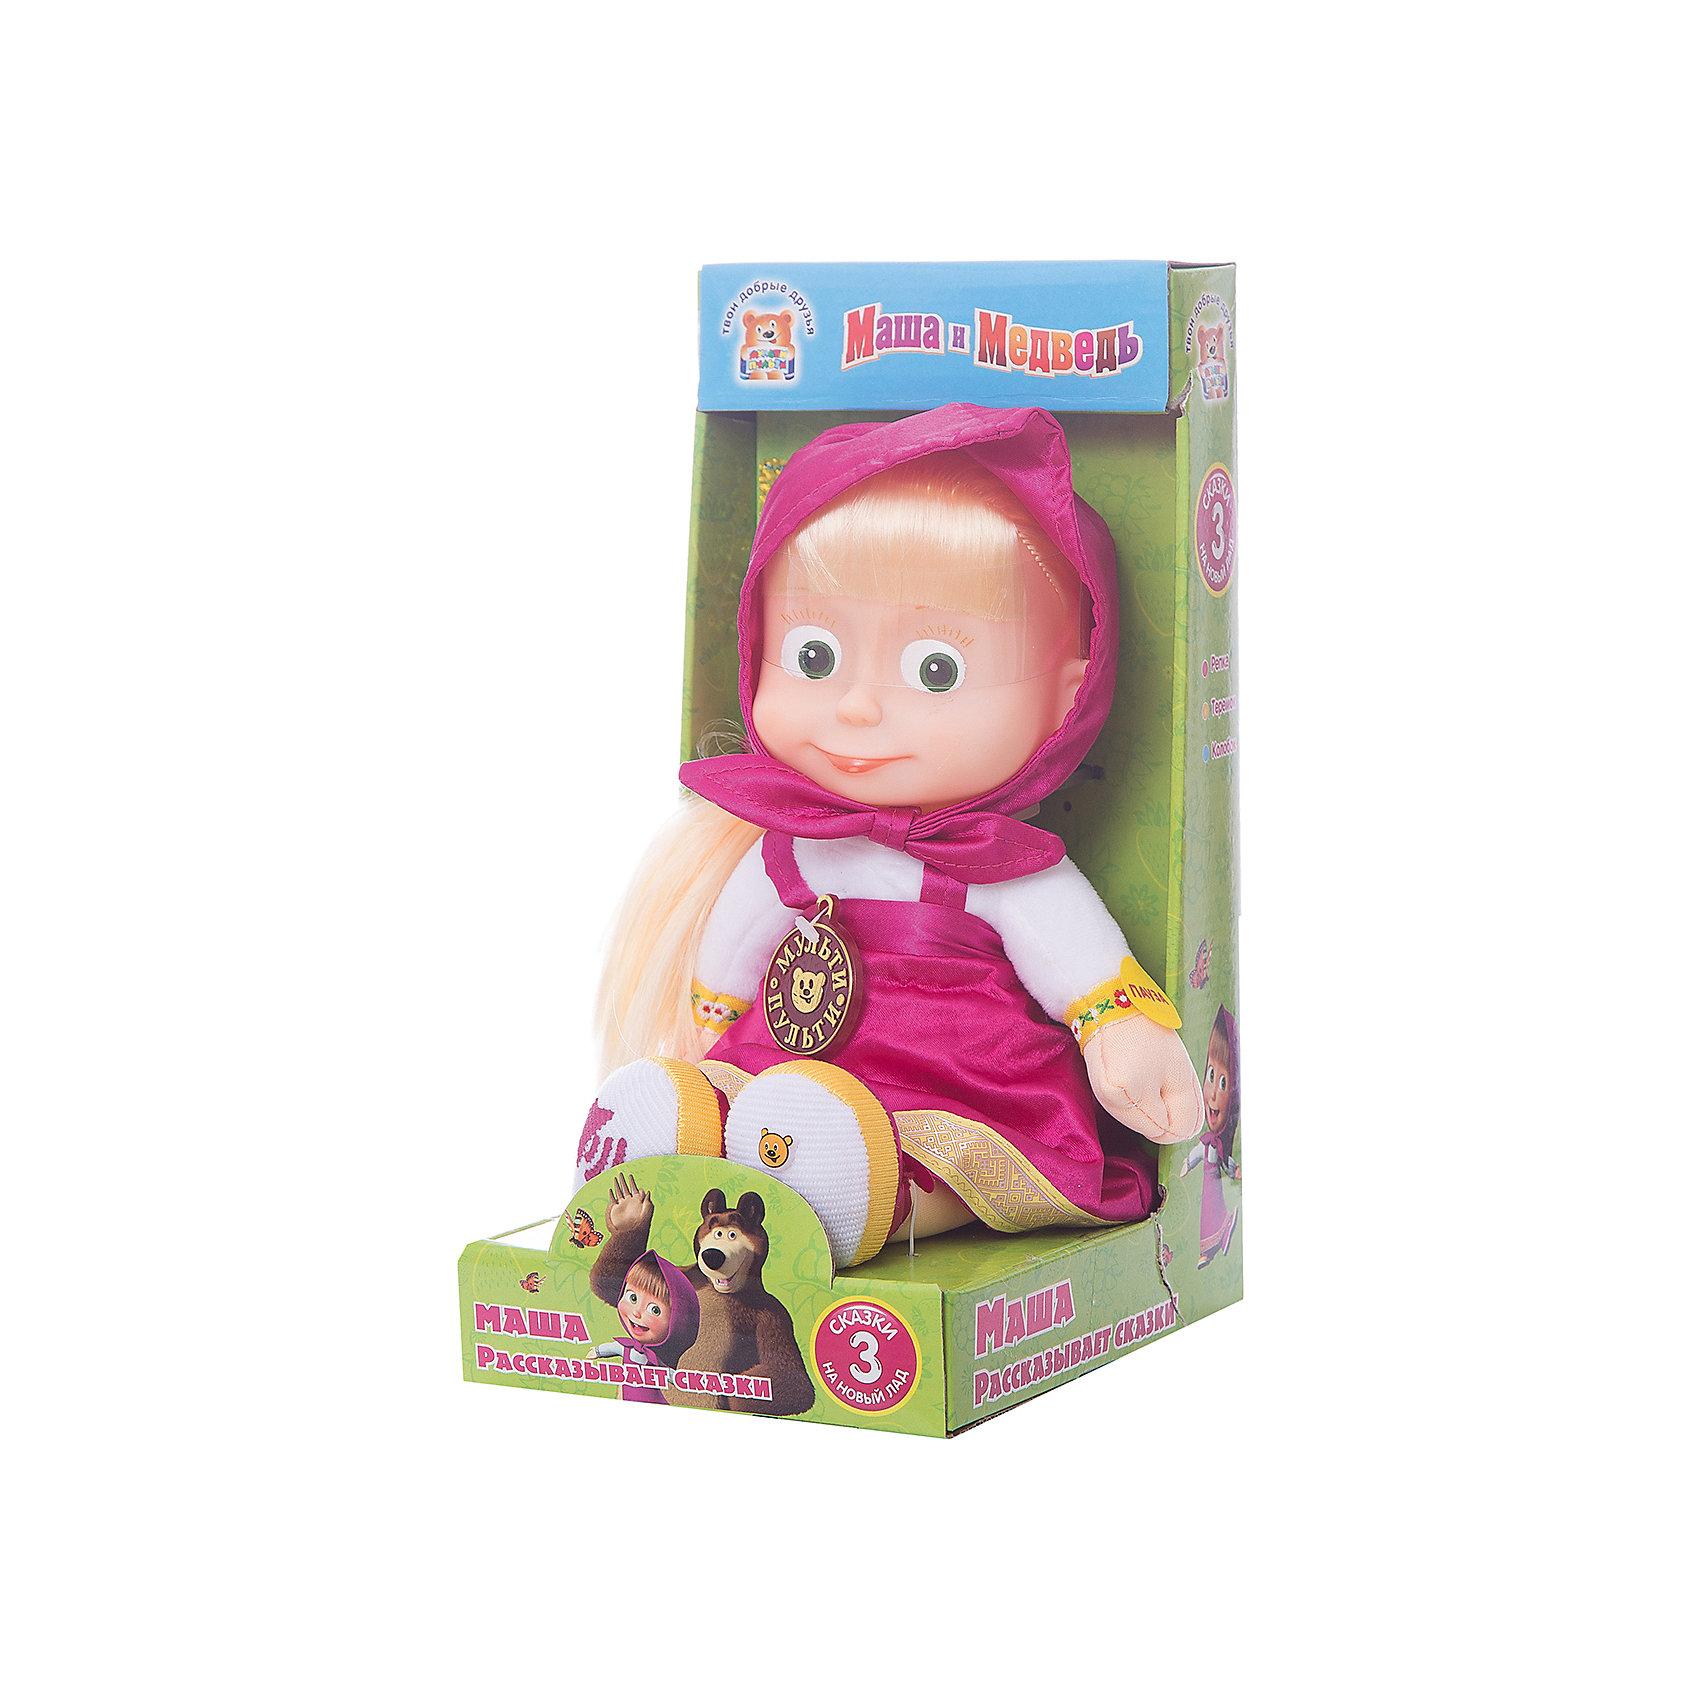 Мягкая игрушка Маша, 30 см, со звуком, Маша и Медведь, МУЛЬТИ-ПУЛЬТИИгрушки<br>Кукла Маша со звуком от марки МУЛЬТИ-ПУЛЬТИ<br><br>Мягкая говорящая кукла от отечественного производителя поможет ребенку проводить время весело и с пользой. Она сделана в виде Маши из известного любимого детьми мультфильма. Нажав на одну из ее ступней, можно прослушать три различные сказки.<br>Размер куклы универсален - 30 сантиметров, её удобно брать с собой в поездки и на прогулку. Сделана игрушка из качественных и безопасных для ребенка материалов: тело - мягкое, голова - пластмассовая. <br><br>Отличительные особенности игрушки:<br><br>- материал: текстиль, наполнитель, пластик, металл;<br>- звуковой модуль;<br>- язык: русский;<br>- одежда: малиновый сарафан и косынка;<br>- глаза: зеленые;<br>- работает на батарейках;<br>- упаковка: коробка;<br>- высота: 30 см.<br><br>Куклу Машу со звуком от марки МУЛЬТИ-ПУЛЬТИ можно купить в нашем магазине.<br><br>Ширина мм: 180<br>Глубина мм: 140<br>Высота мм: 300<br>Вес г: 580<br>Возраст от месяцев: 36<br>Возраст до месяцев: 1188<br>Пол: Унисекс<br>Возраст: Детский<br>SKU: 2545454